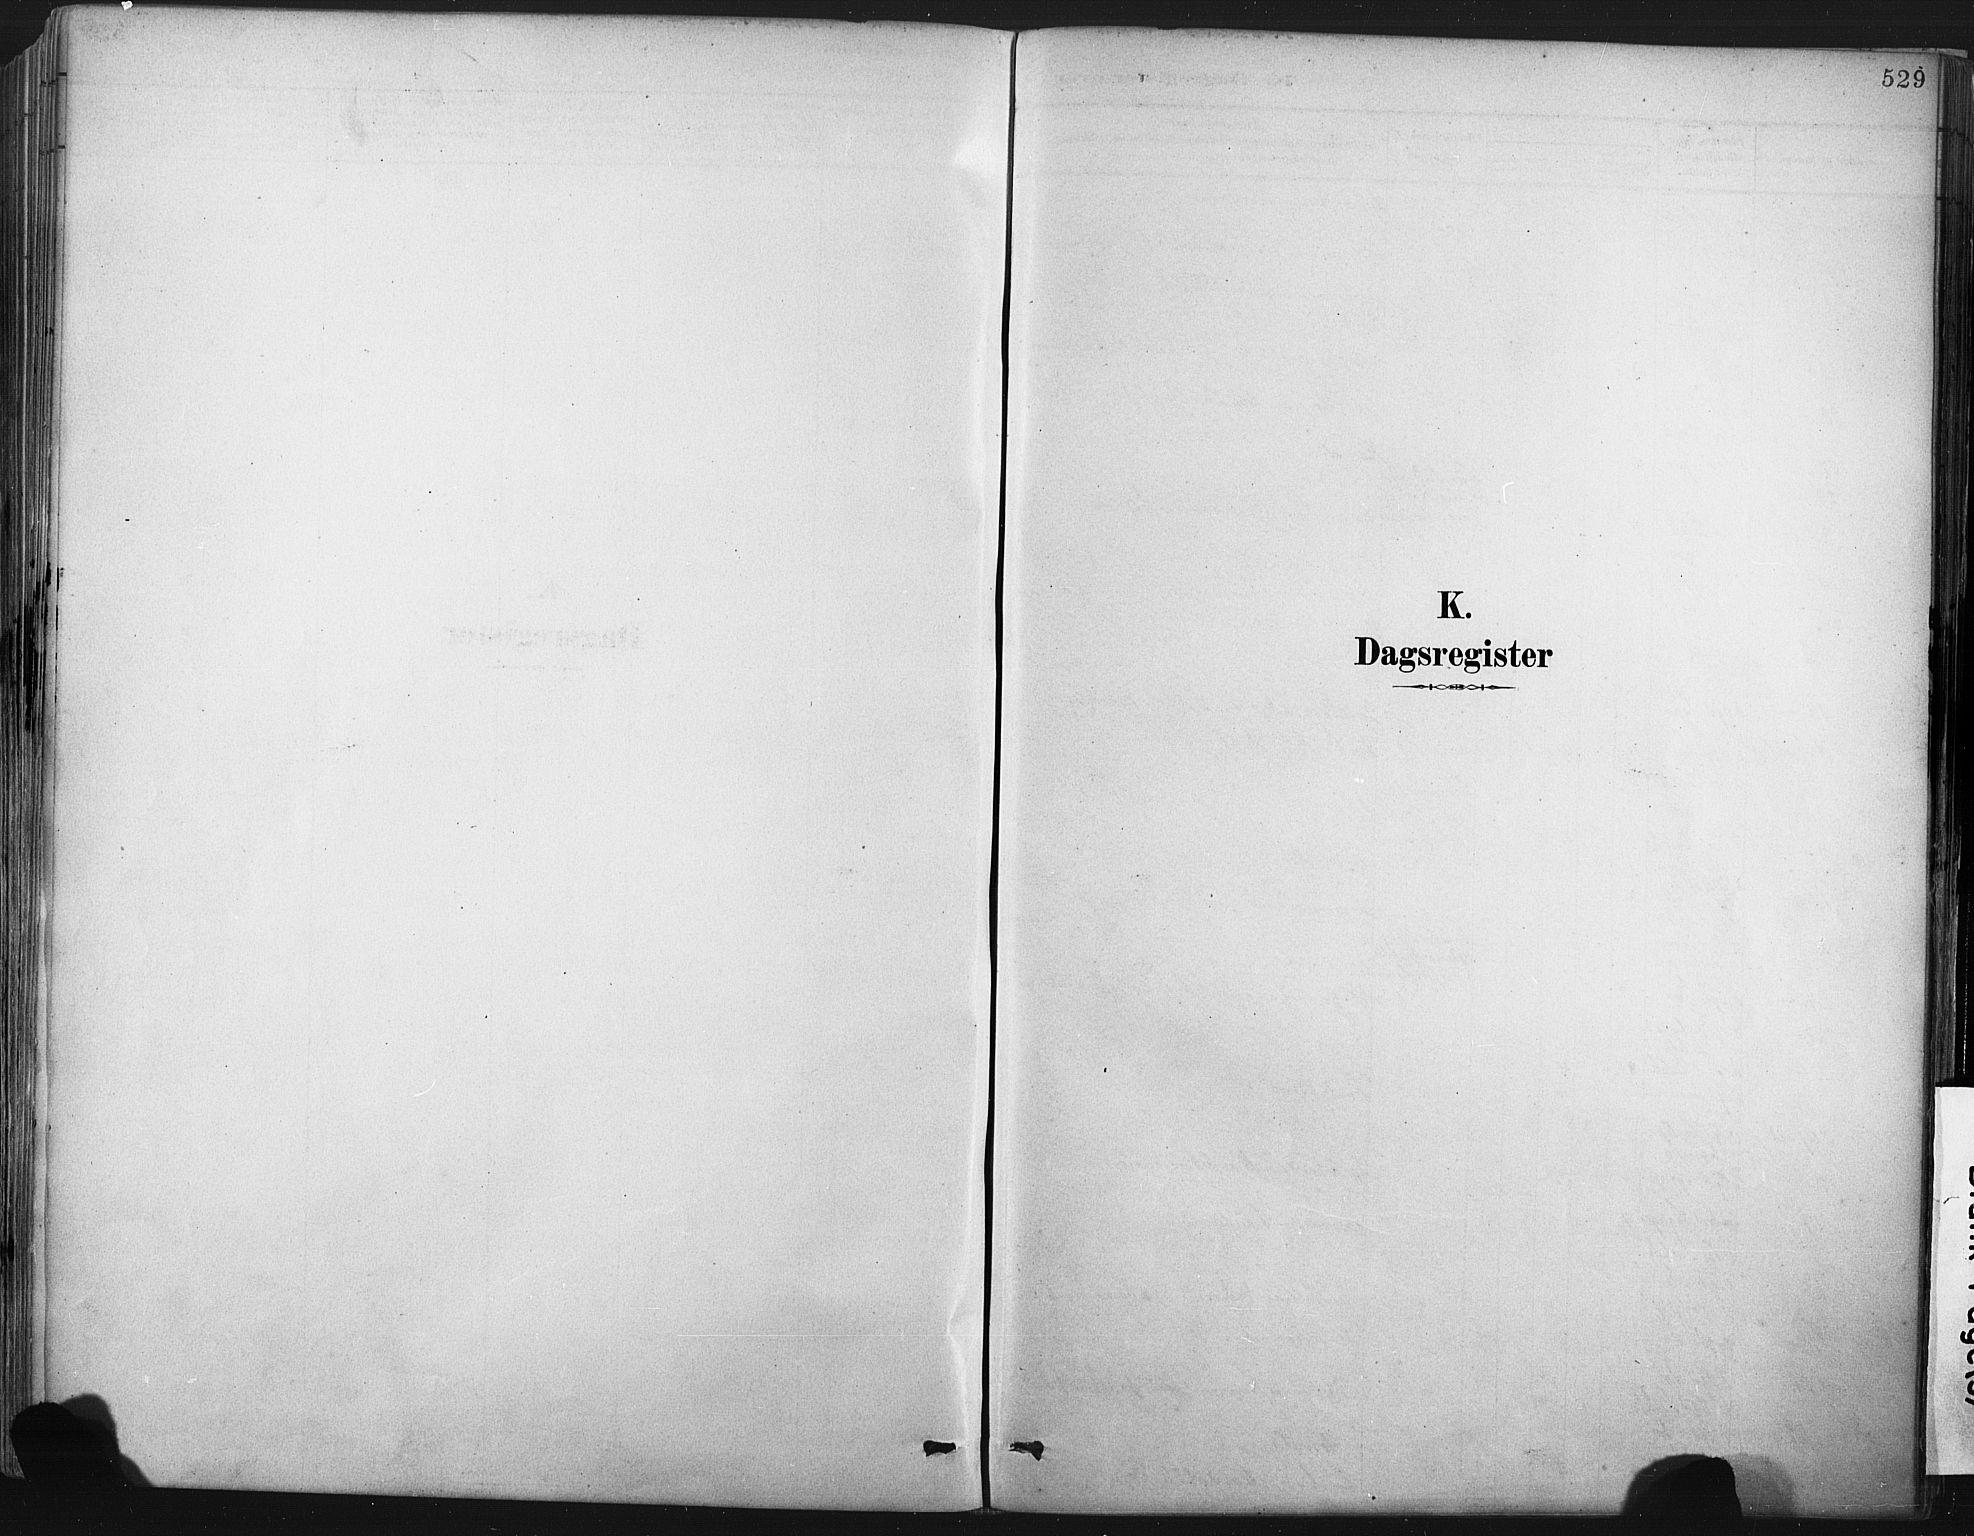 SAKO, Porsgrunn kirkebøker , F/Fa/L0008: Ministerialbok nr. 8, 1878-1895, s. 529